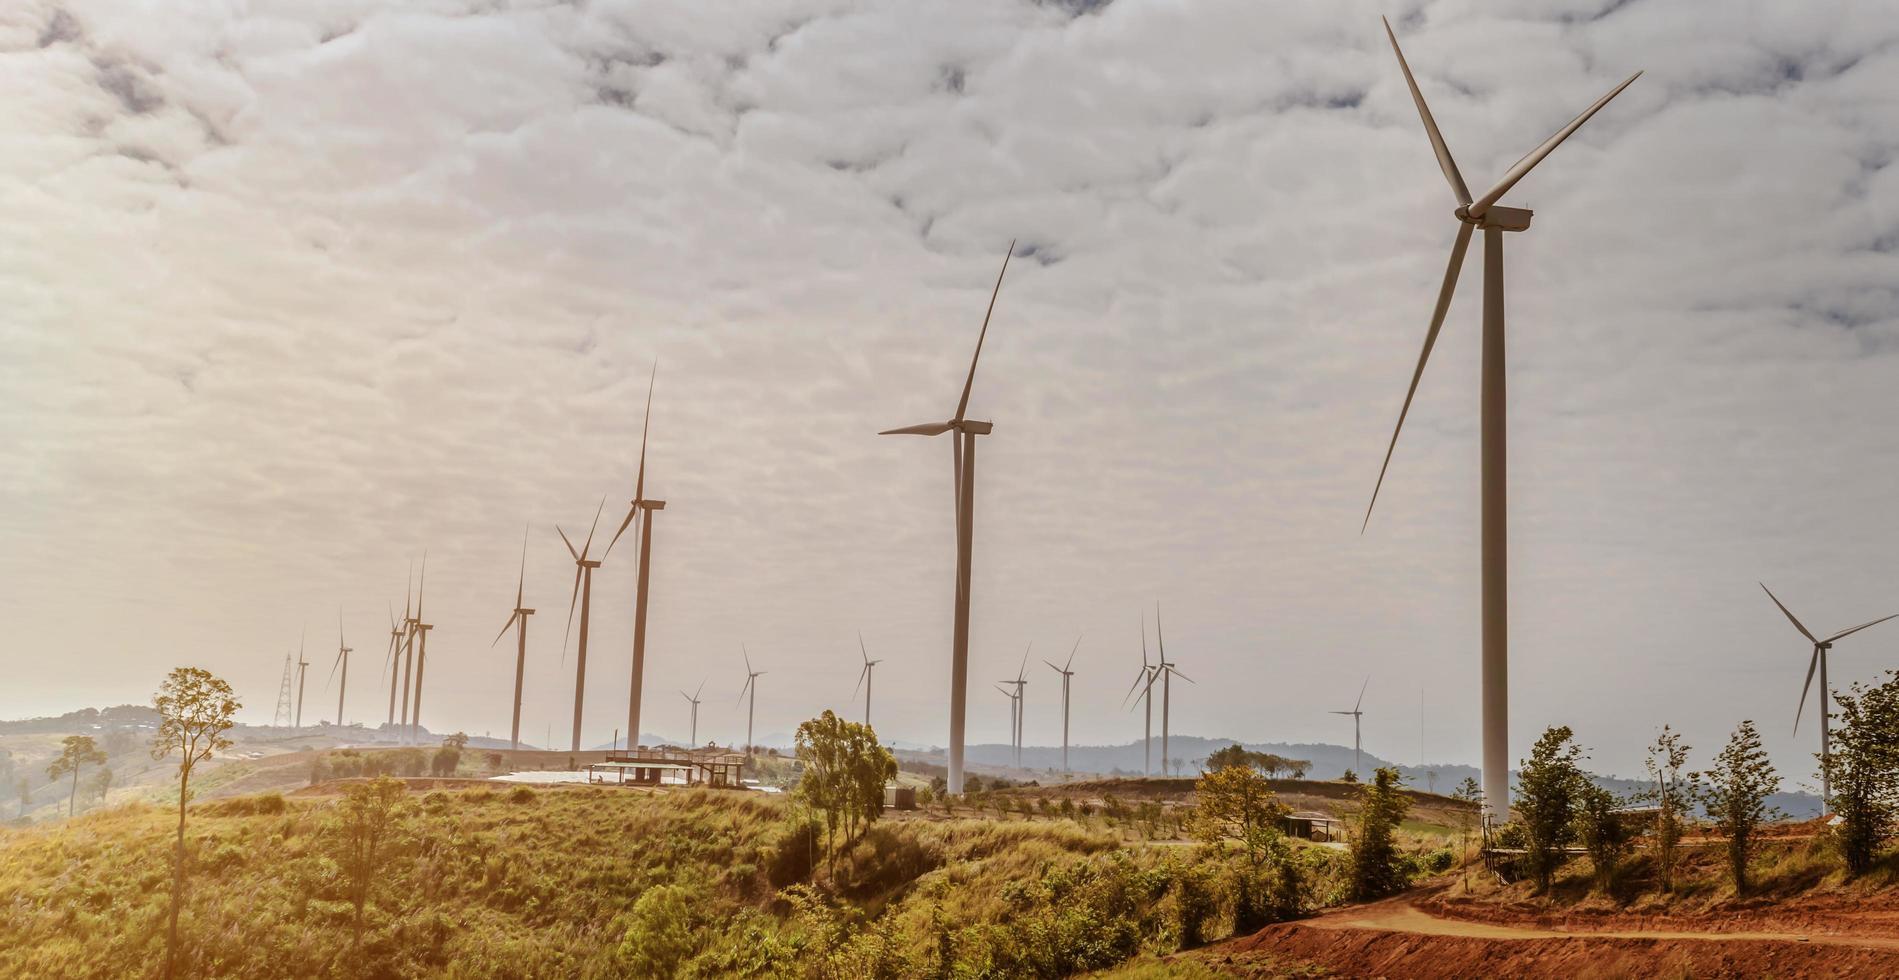 éoliennes sur une colline. photo